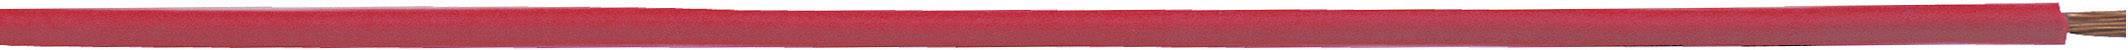 Opletenie / lanko LappKabel 4510042 H05V-K, 1 x 0.75 mm², vonkajší Ø 2.40 mm, 100 m, červená